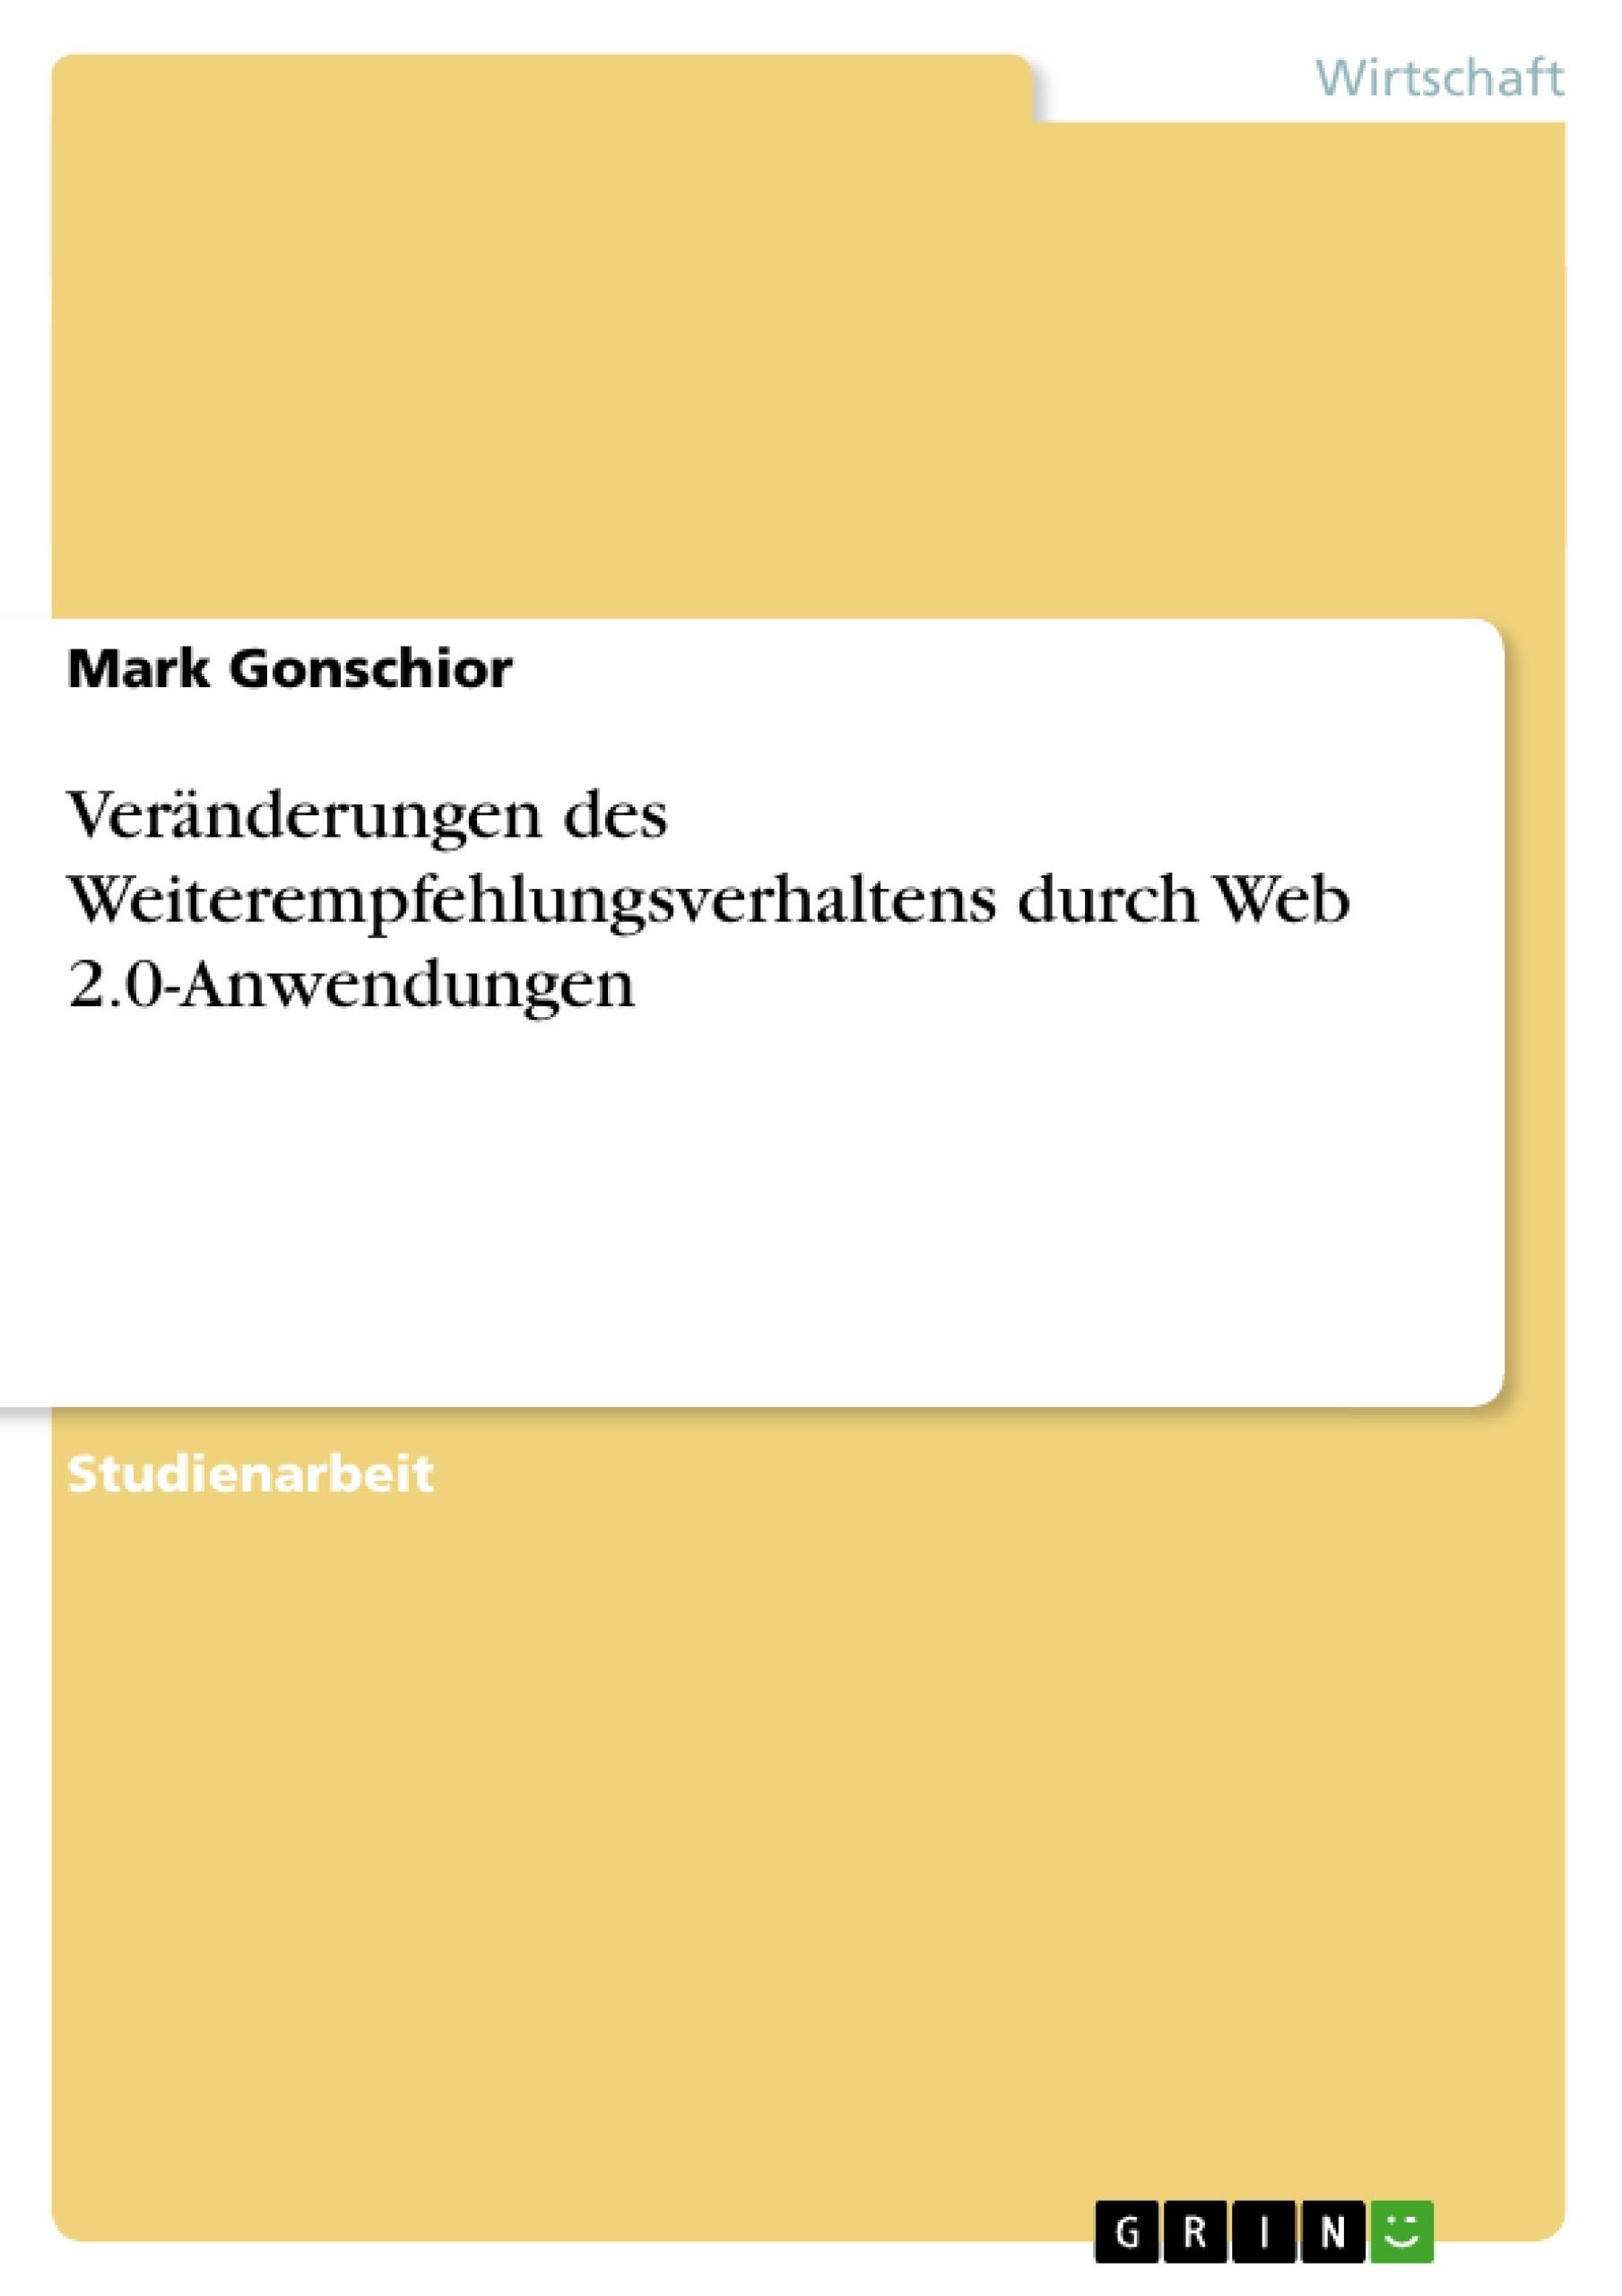 Titel: Veränderungen des Weiterempfehlungsverhaltens durch Web 2.0-Anwendungen